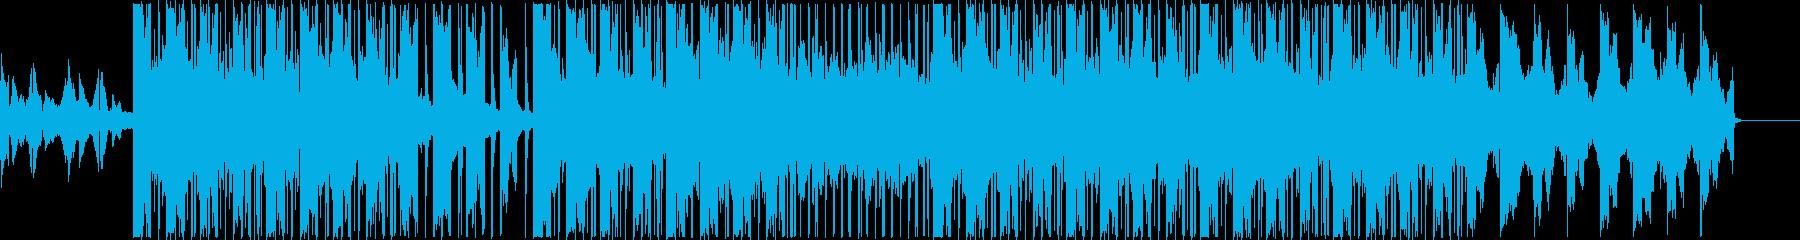 エモいLo-fiビートの再生済みの波形